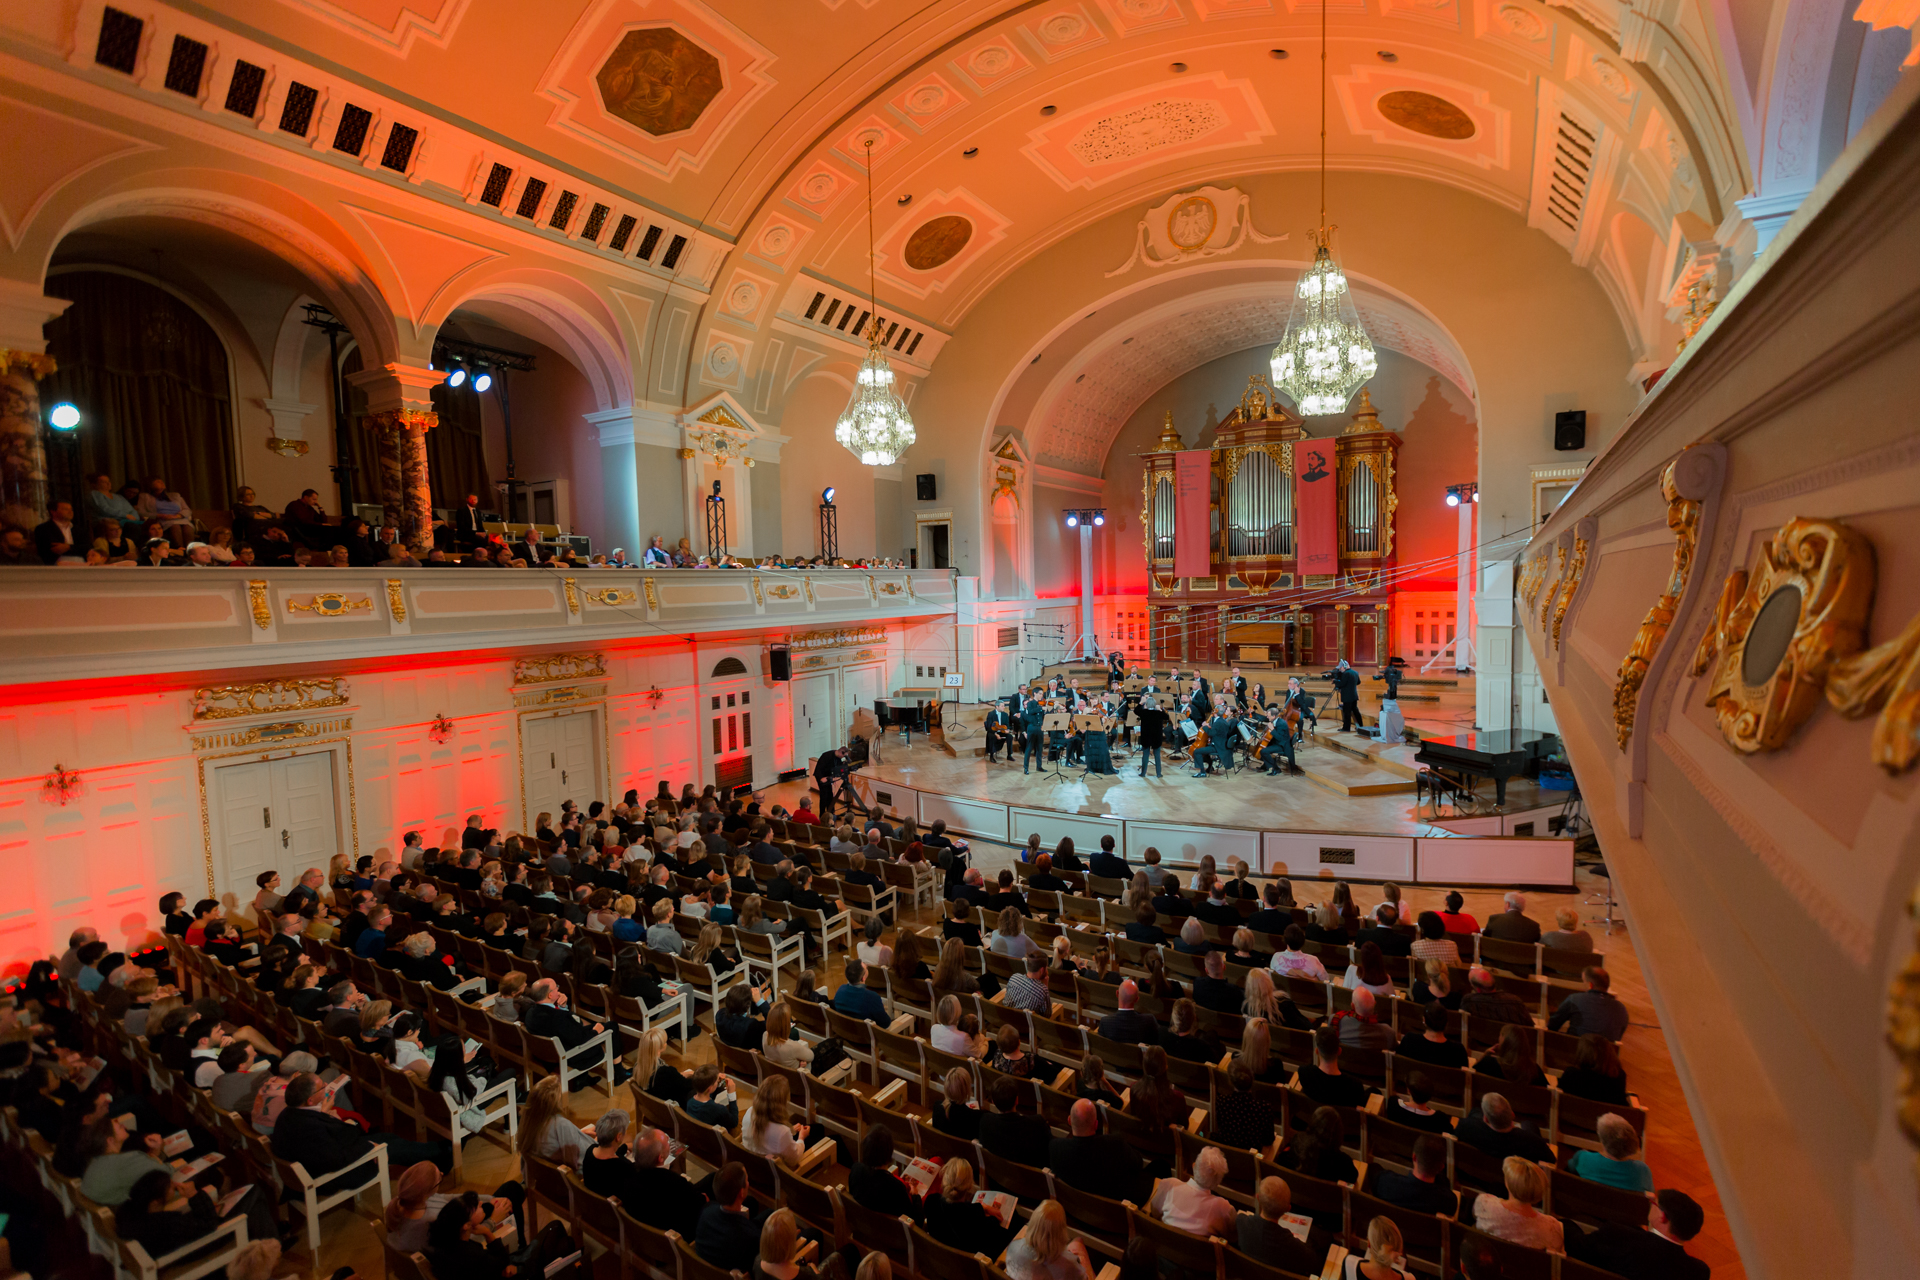 RR Studio. Richard Lin (USA), K. Budnik-Gałązka, Orkiestra Polskiego Radia Amadeus pod dyr. Agnieszki Duczmal